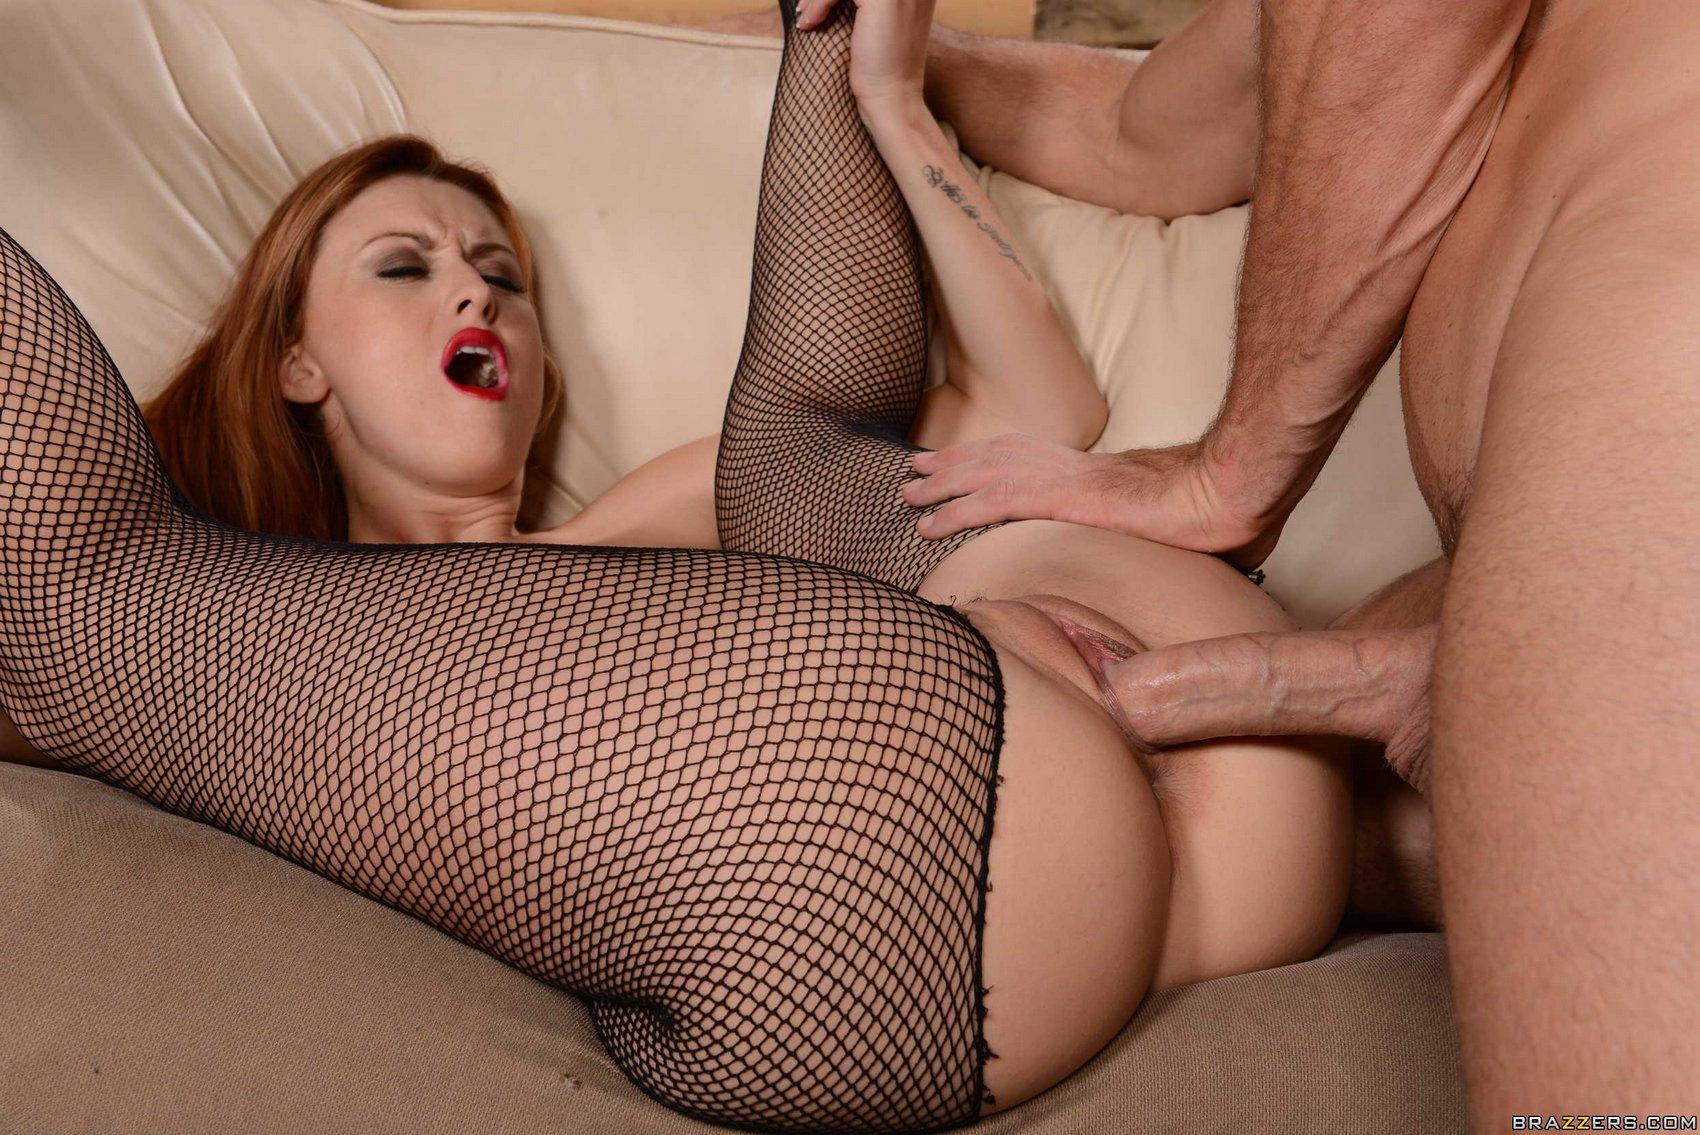 Karlie Montana Sex Video